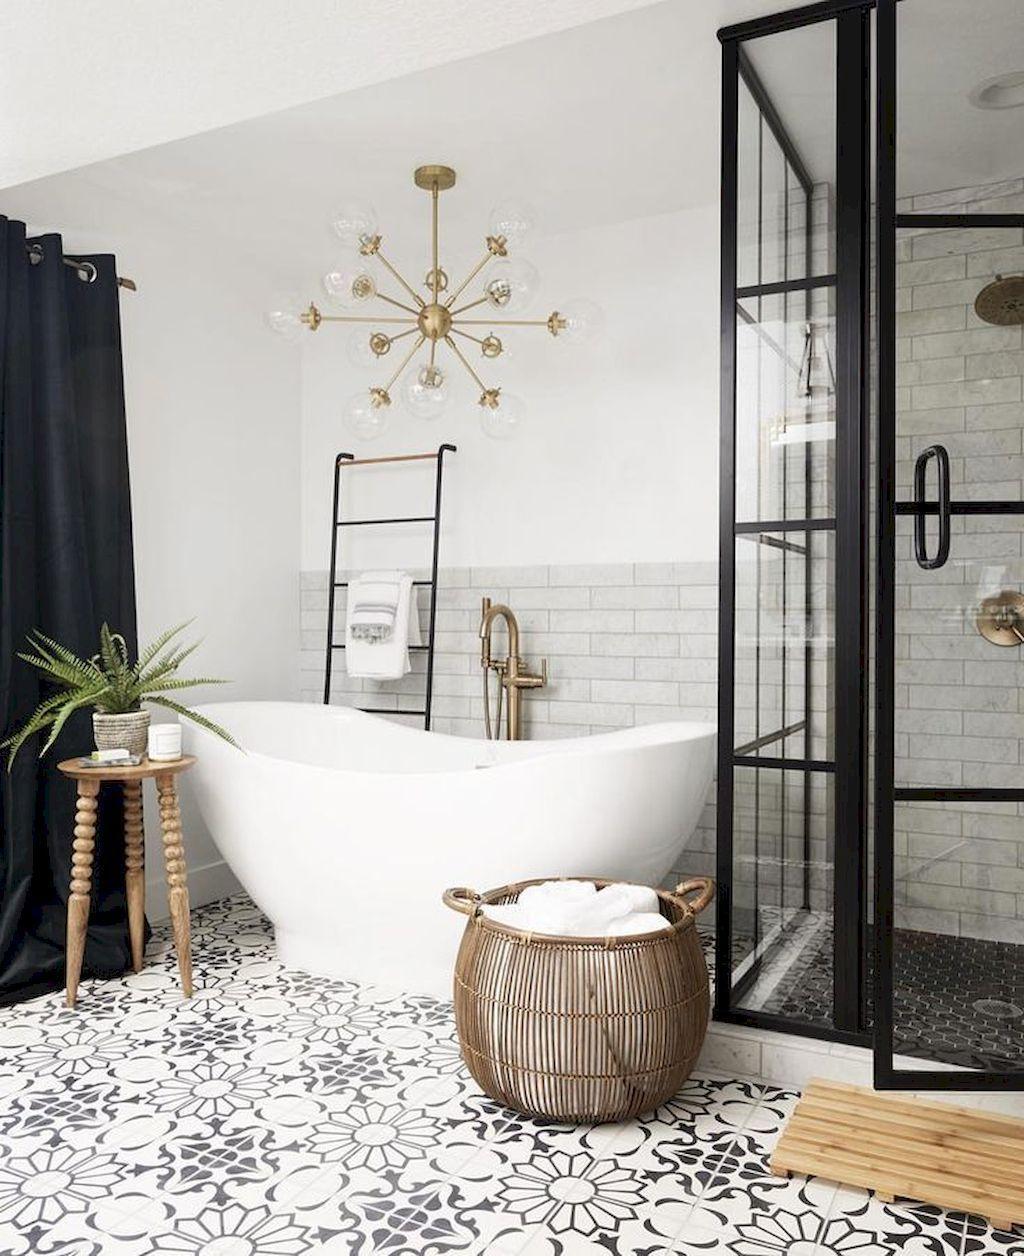 90 Master Badezimmer Deko Ideen Mit Bildern Badezimmer Design